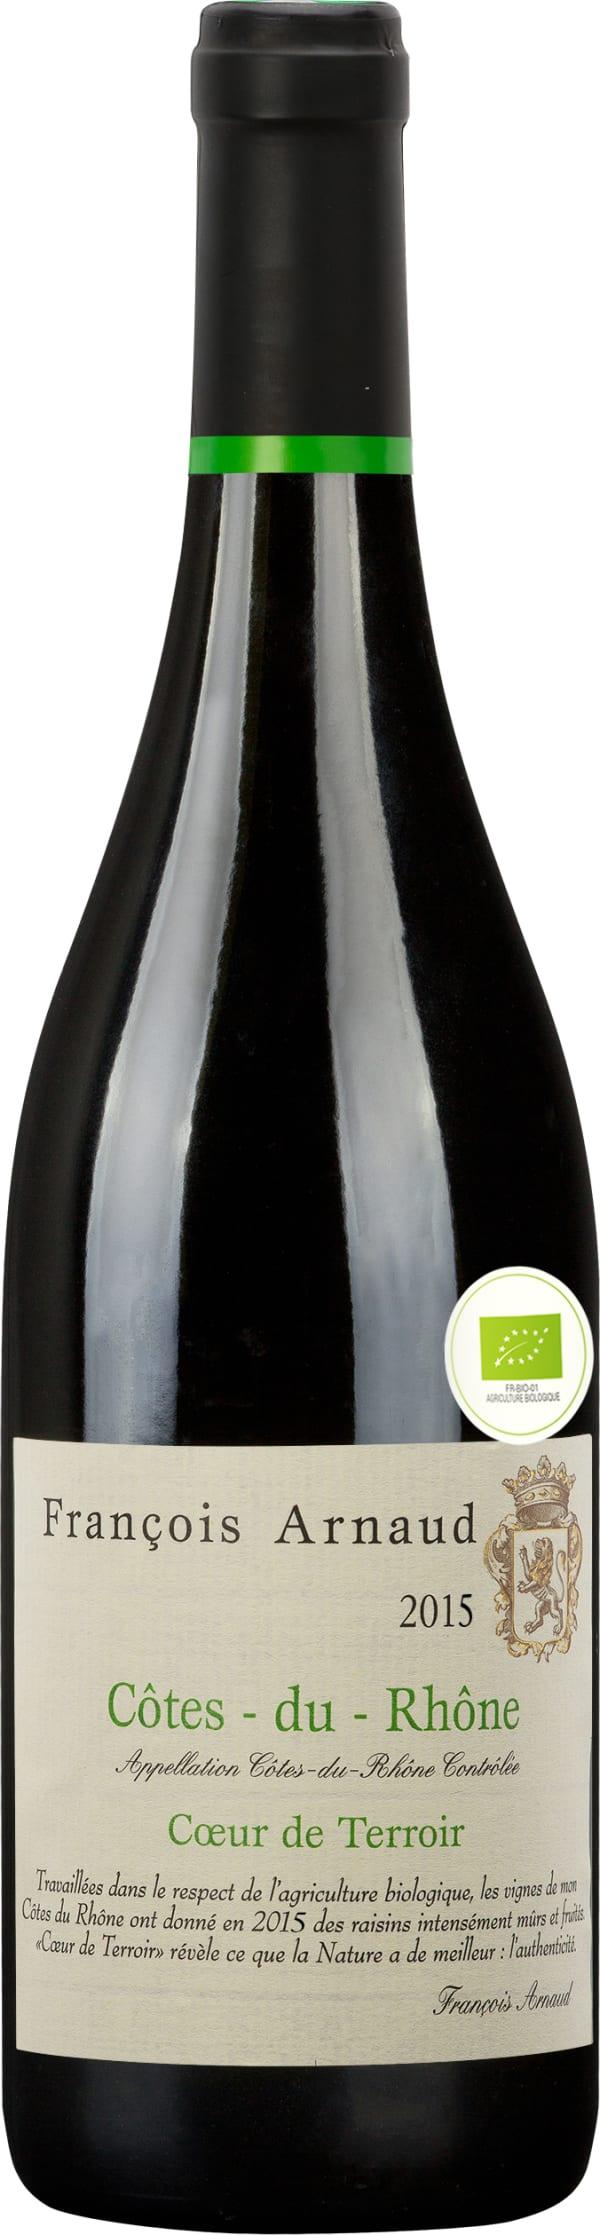 Francois Arnaud Coeur de Terroir Côtes du Rhône 2018